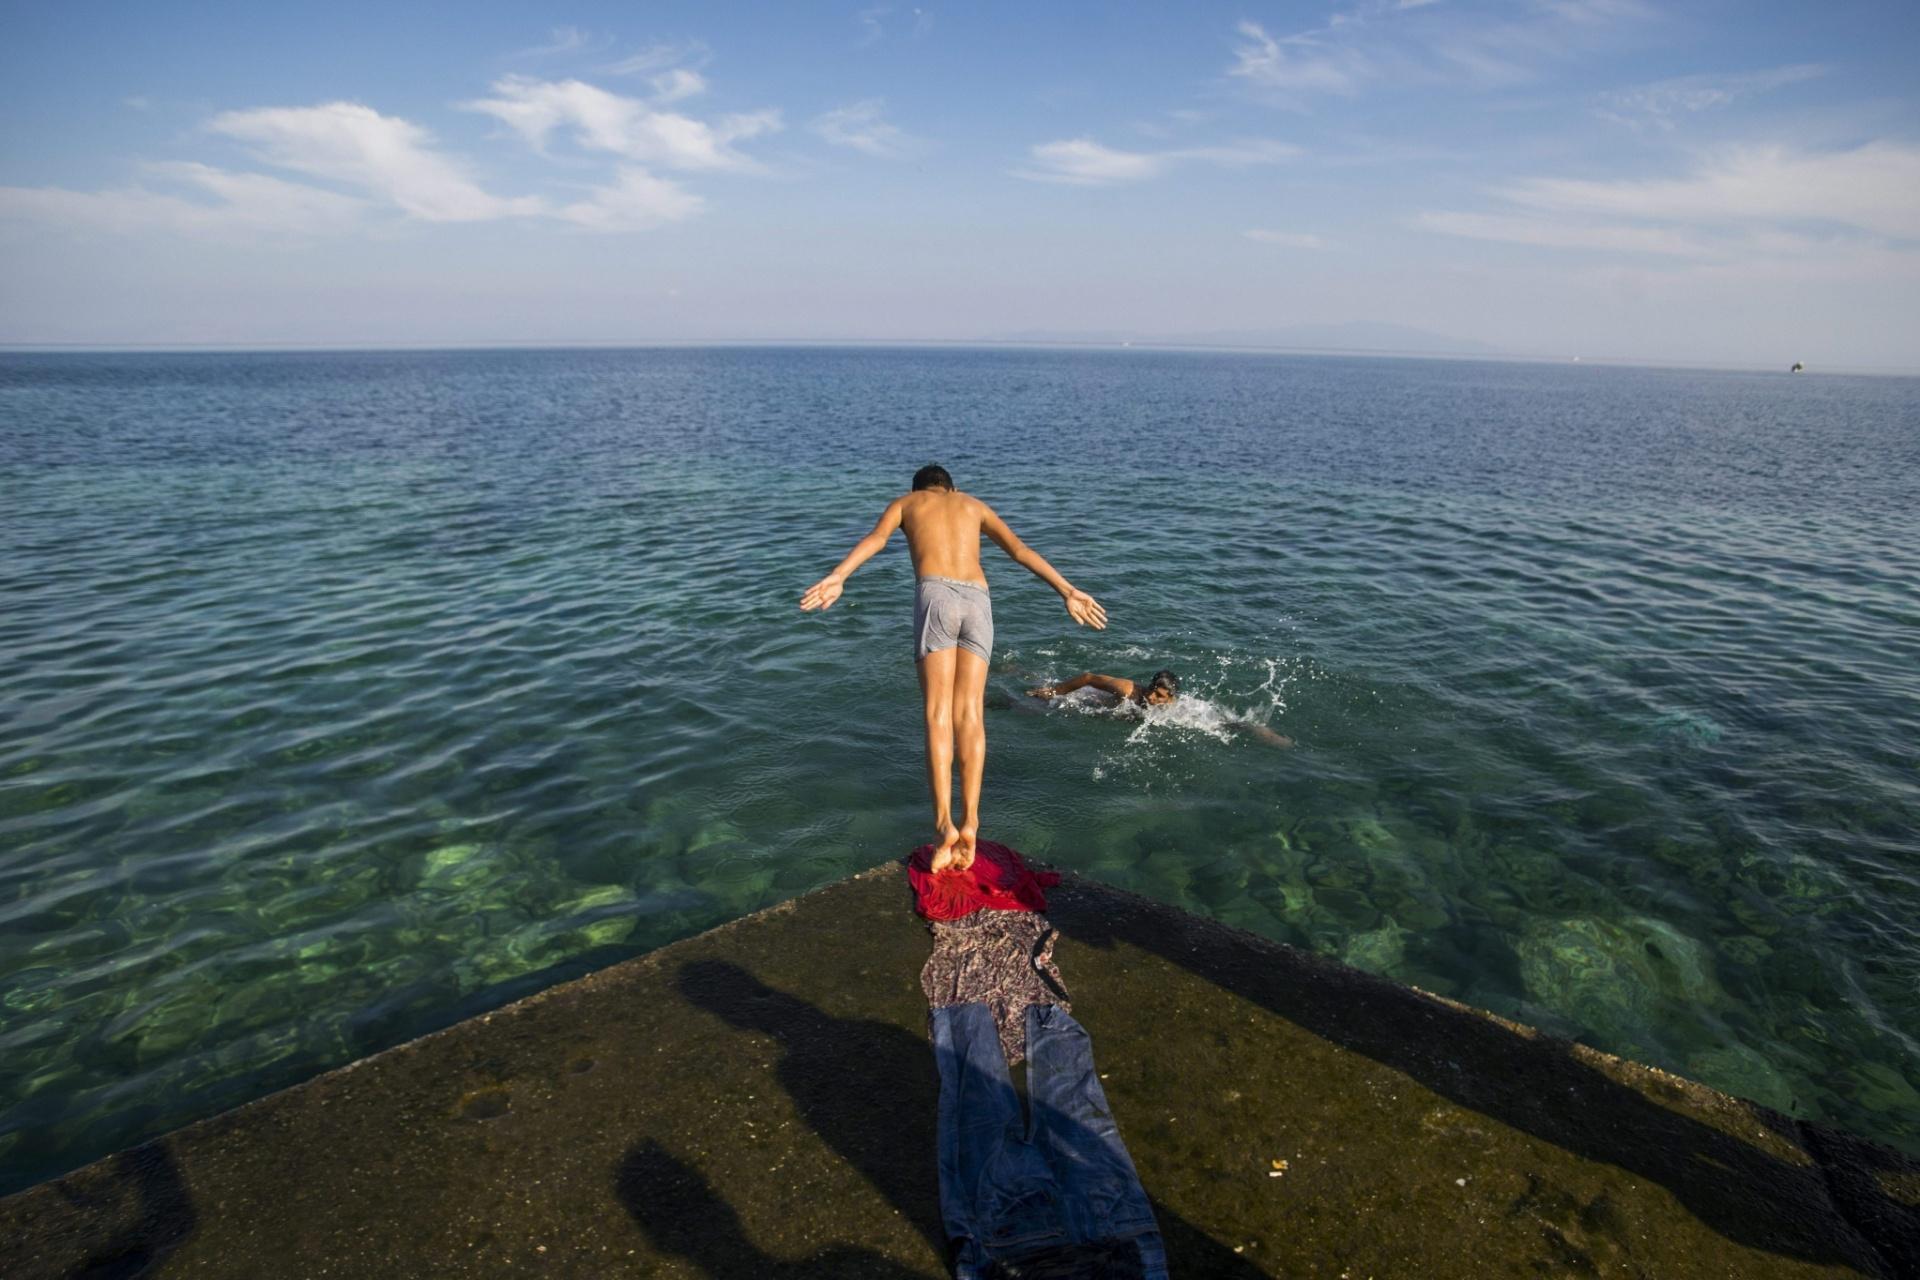 5.out.2015 - Refugiado mergulha no Mar Mediterrâneo no porto de Mitilene, na ilha grega de Lesbos. Segundo a Guarda Costeira do país, cerca de cem mil refugiados chegaram à costa grega só em agosto de 2015